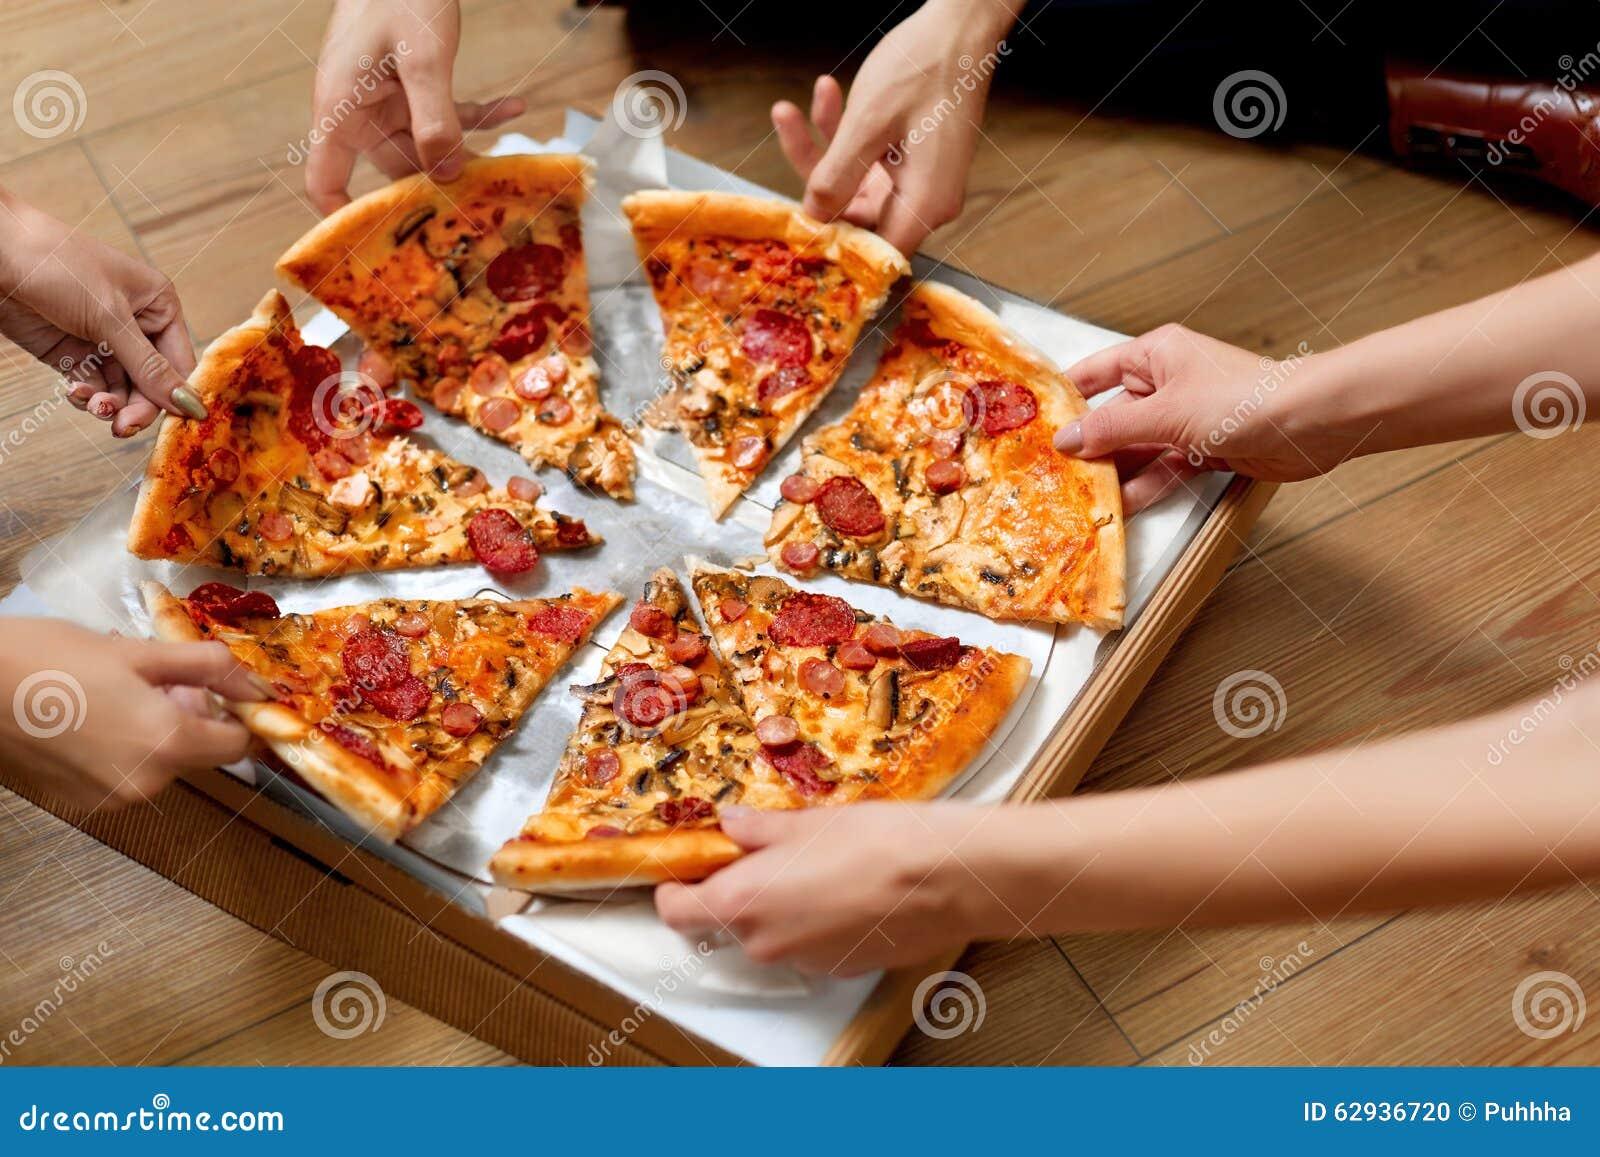 Essen der Pizza Gruppe Freunde, die Pizza teilen Schnellimbiß, Freizeit